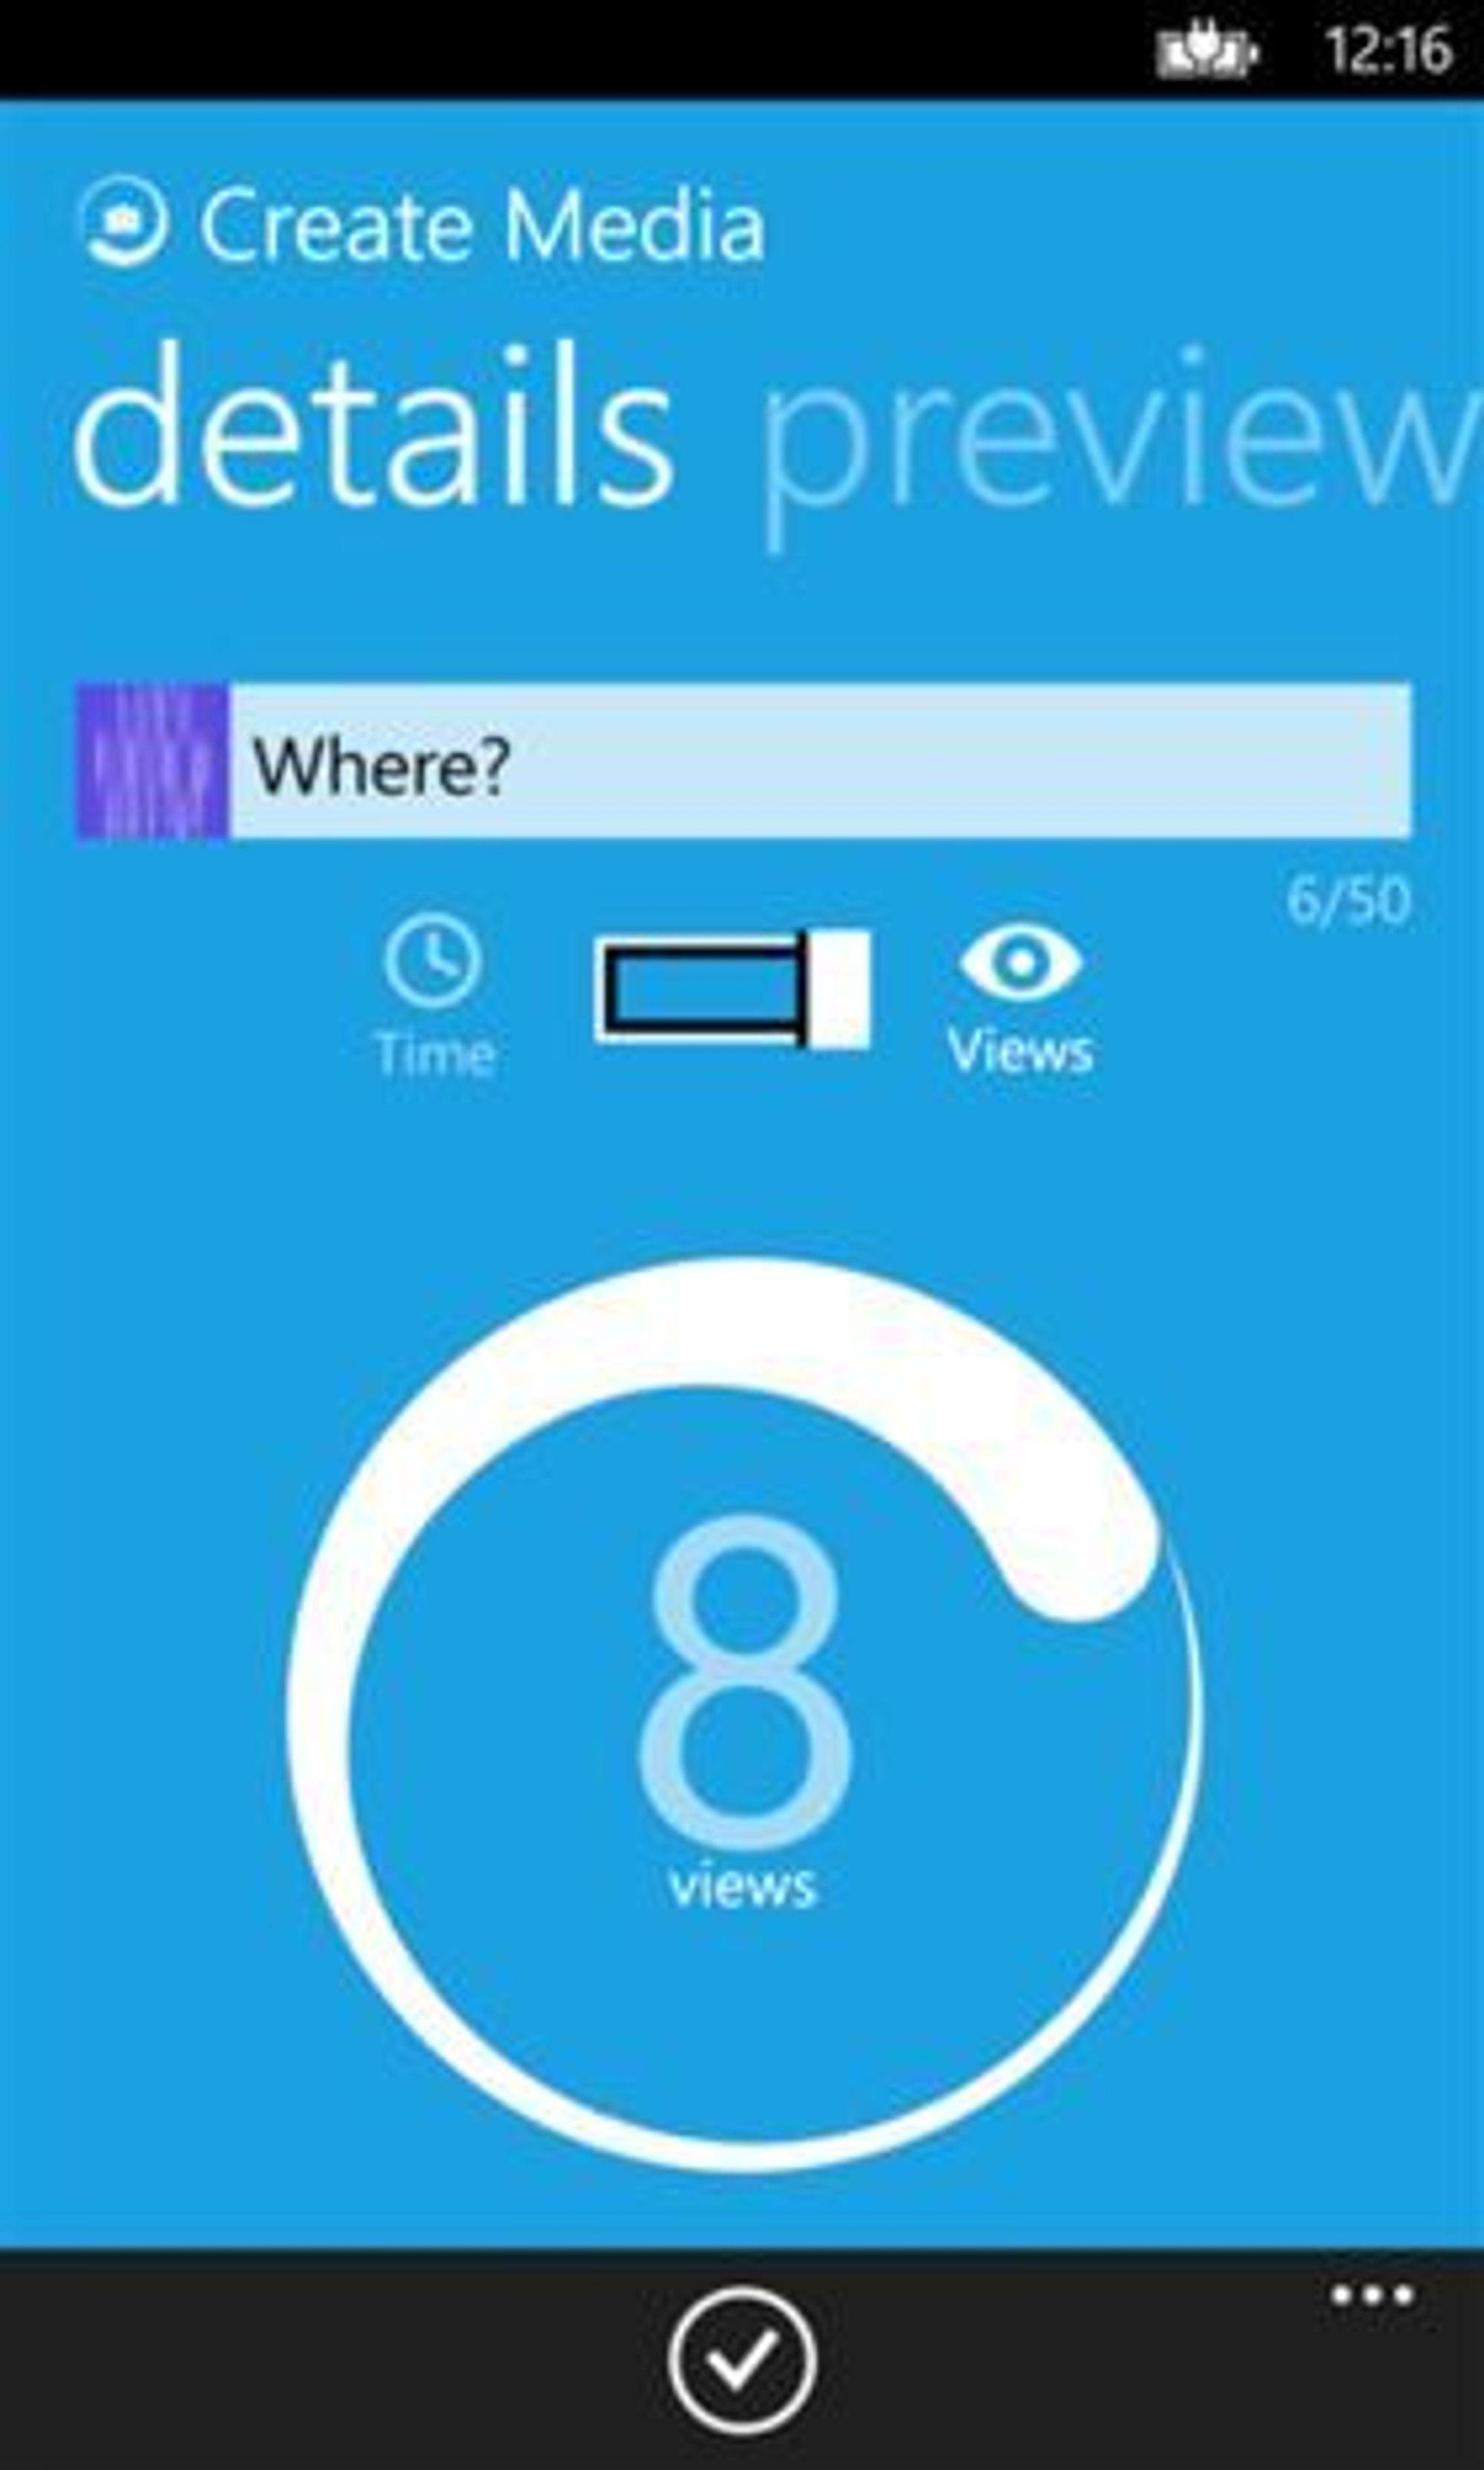 Meningen er å forske på hvordan brukerne skaper og deler innhold, sier Microsoft.